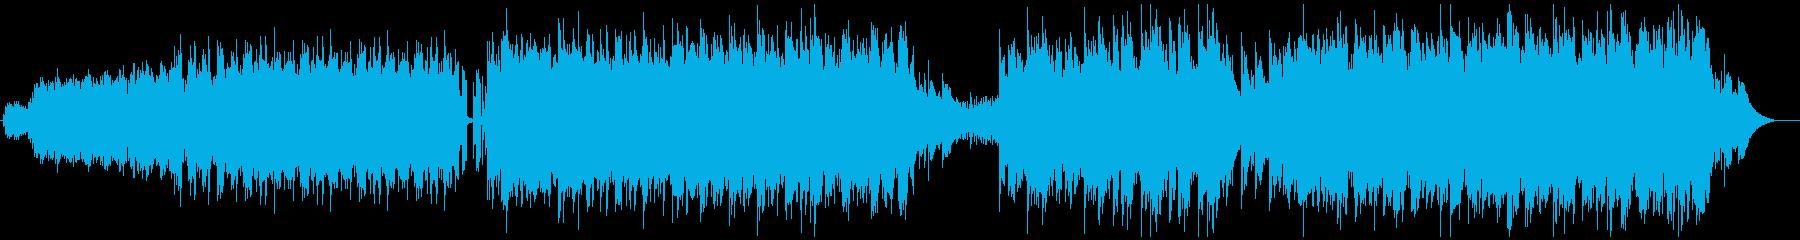 多重エレキギターによるポップなミニマルの再生済みの波形